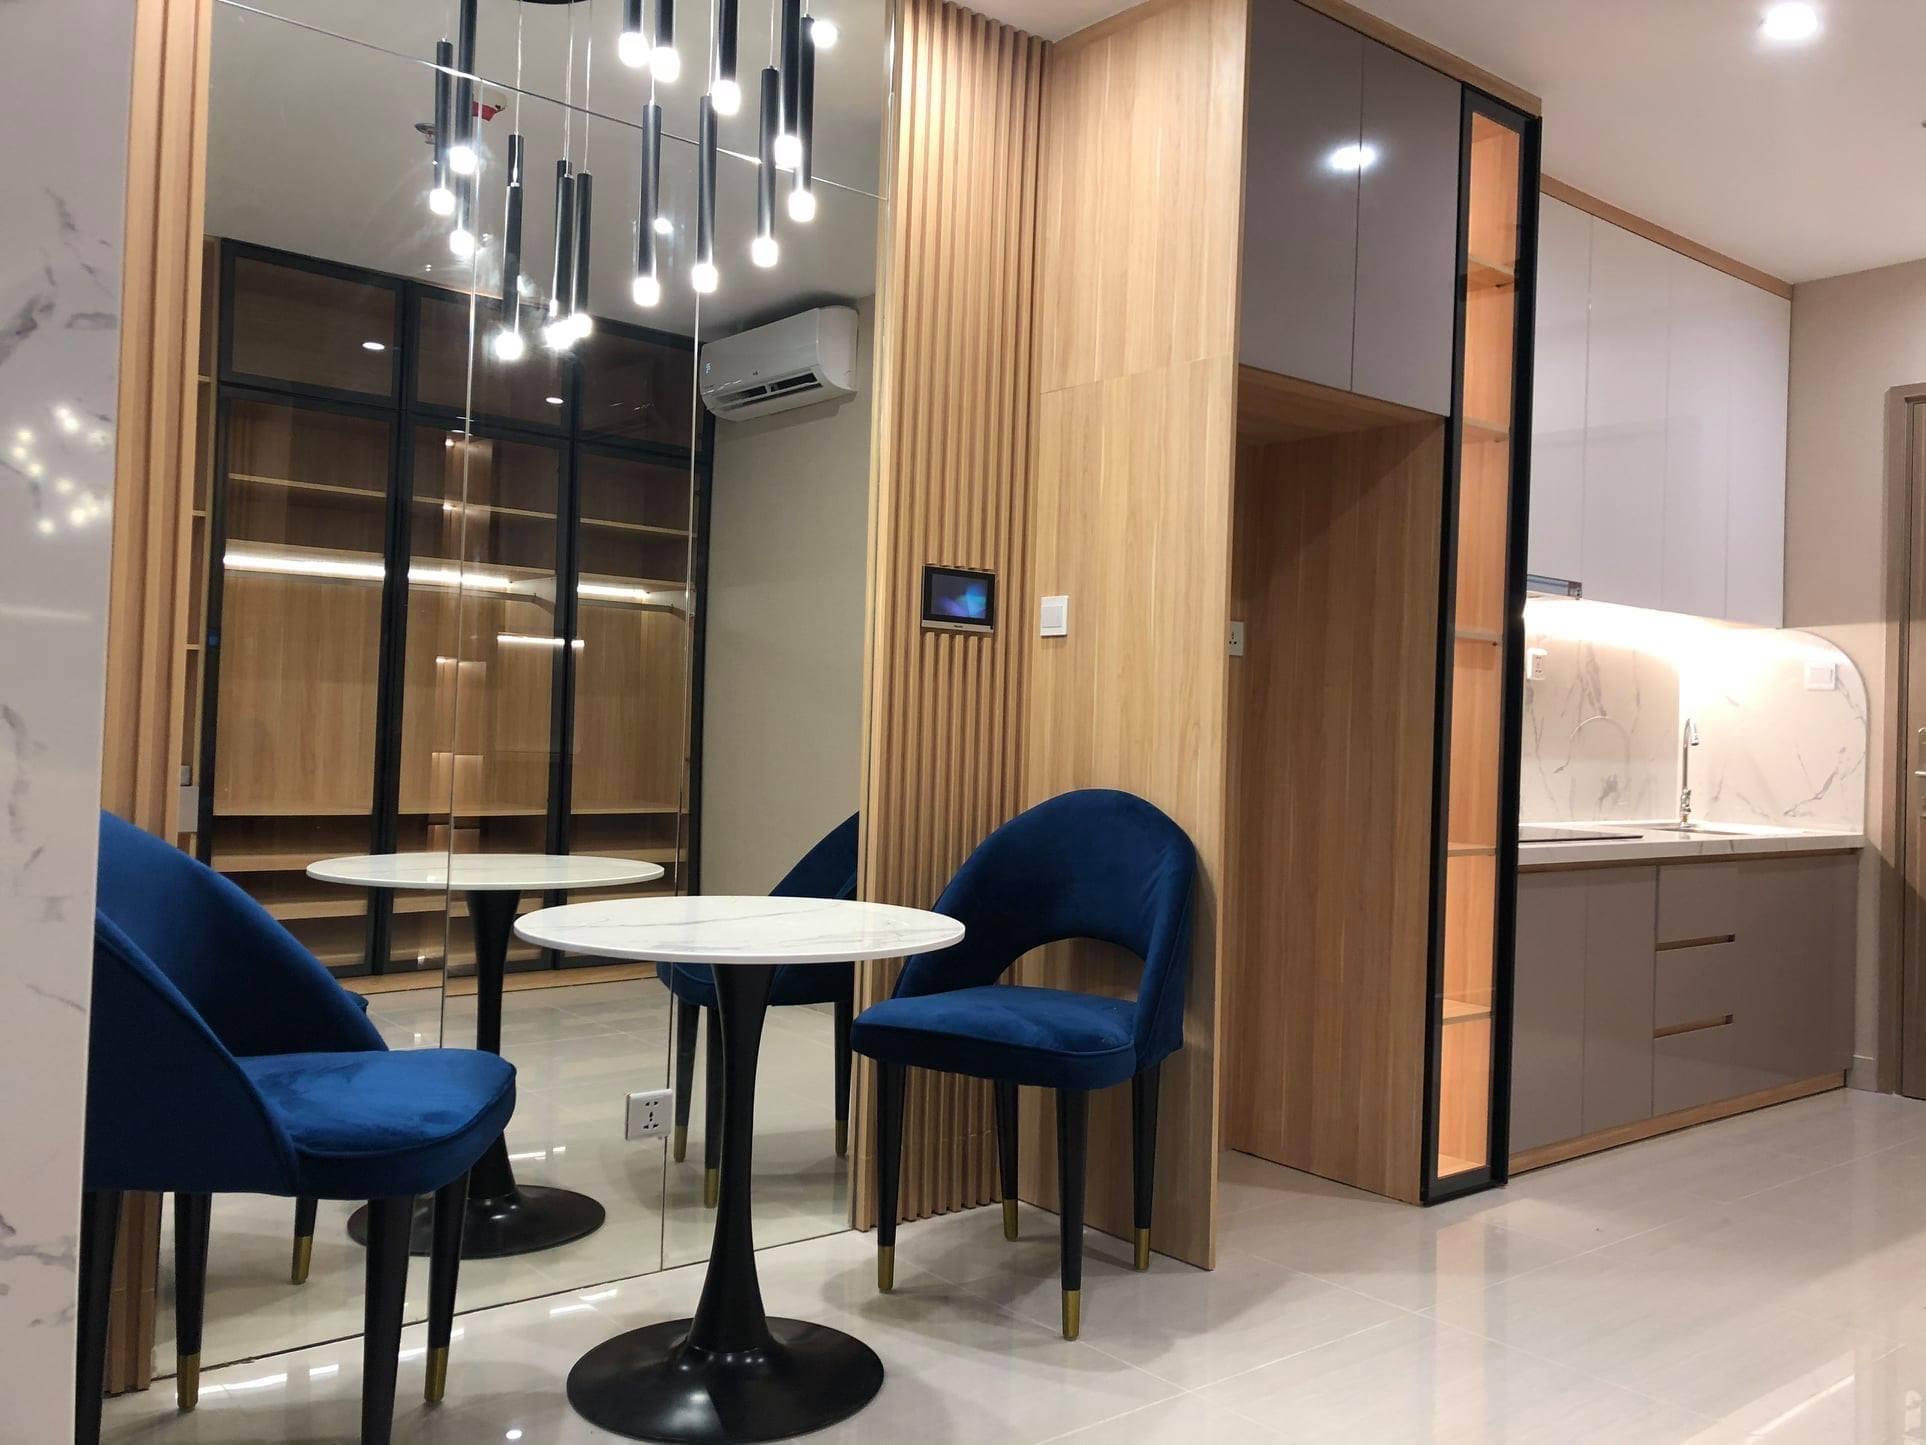 Căn hộ Studio 34m2 tầng 6 toà S5.01 Nội thất đầy đủ giá 5tr/tháng 4